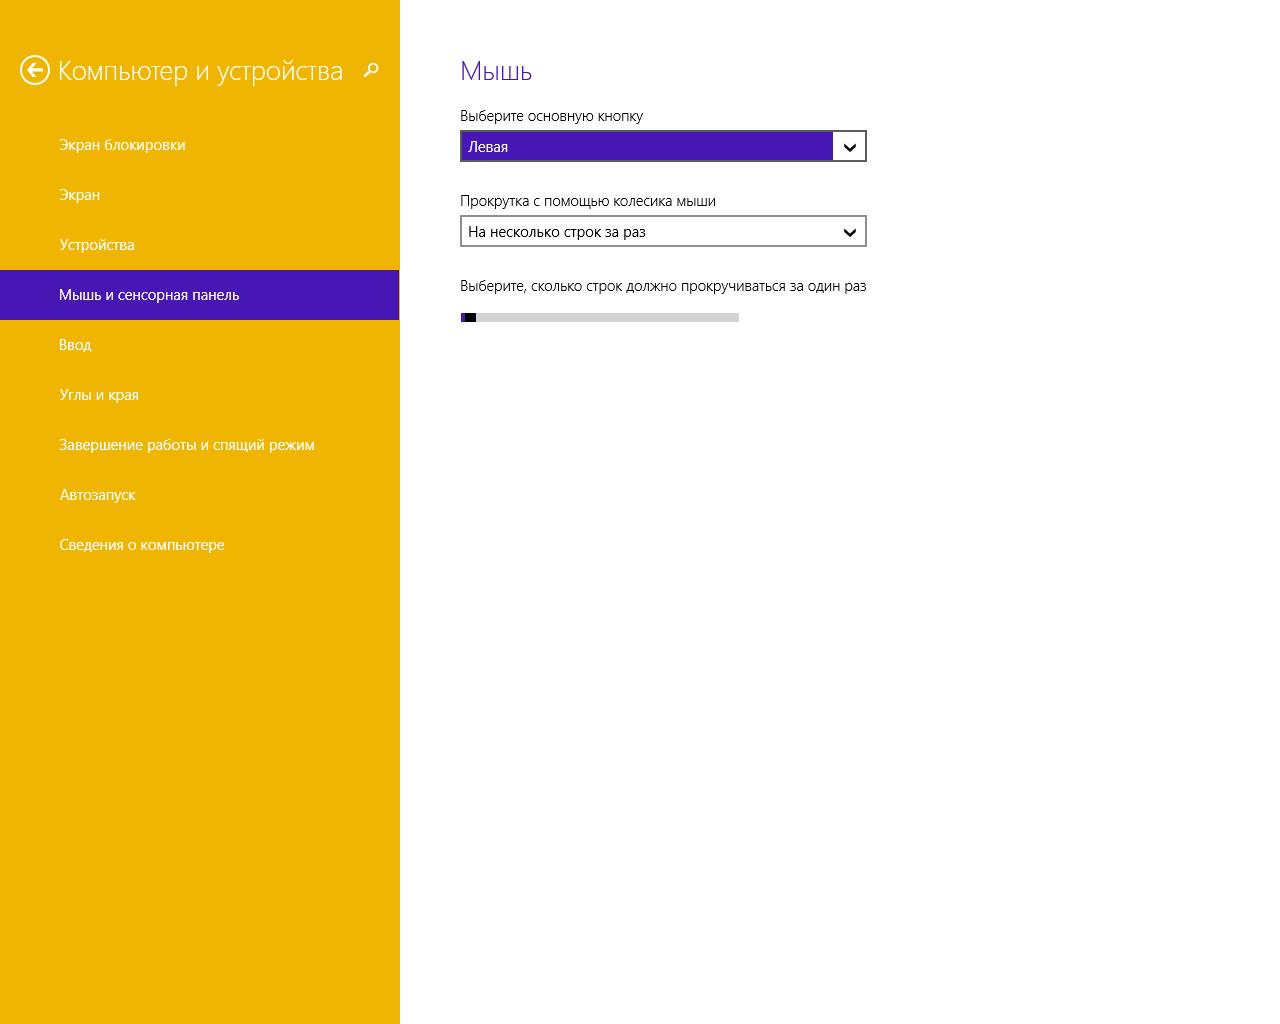 Мышь и сенсорная панель в Windows 8.1